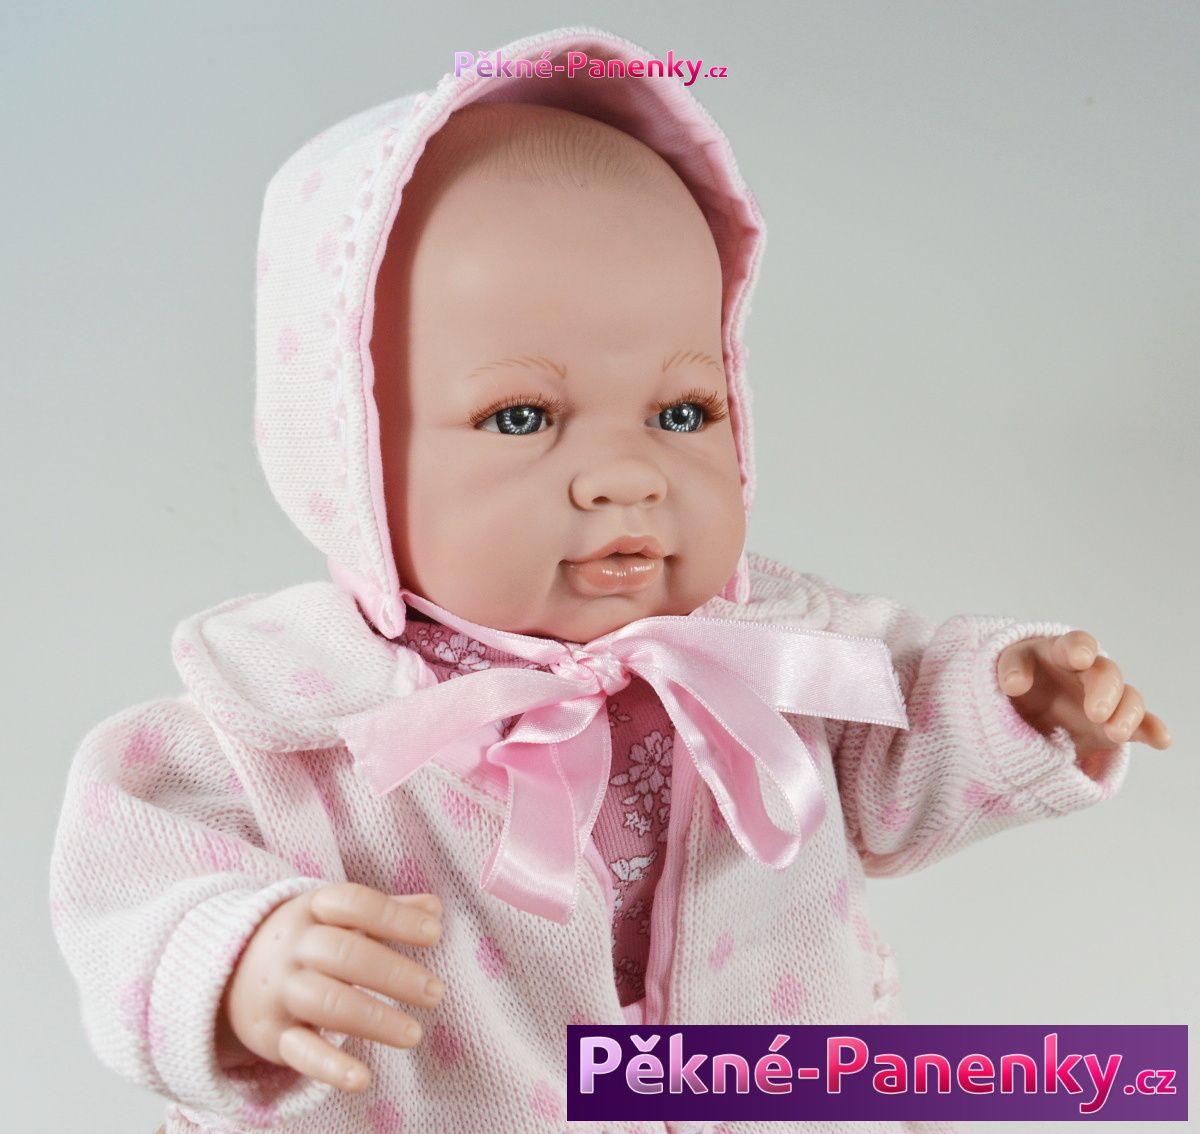 originalní španělské panenky pro děti velká, realistická, mluvící panenka, španělské panenky, které vypadají jako živé Berbesa mluvící panenky ze Španělska pro děti